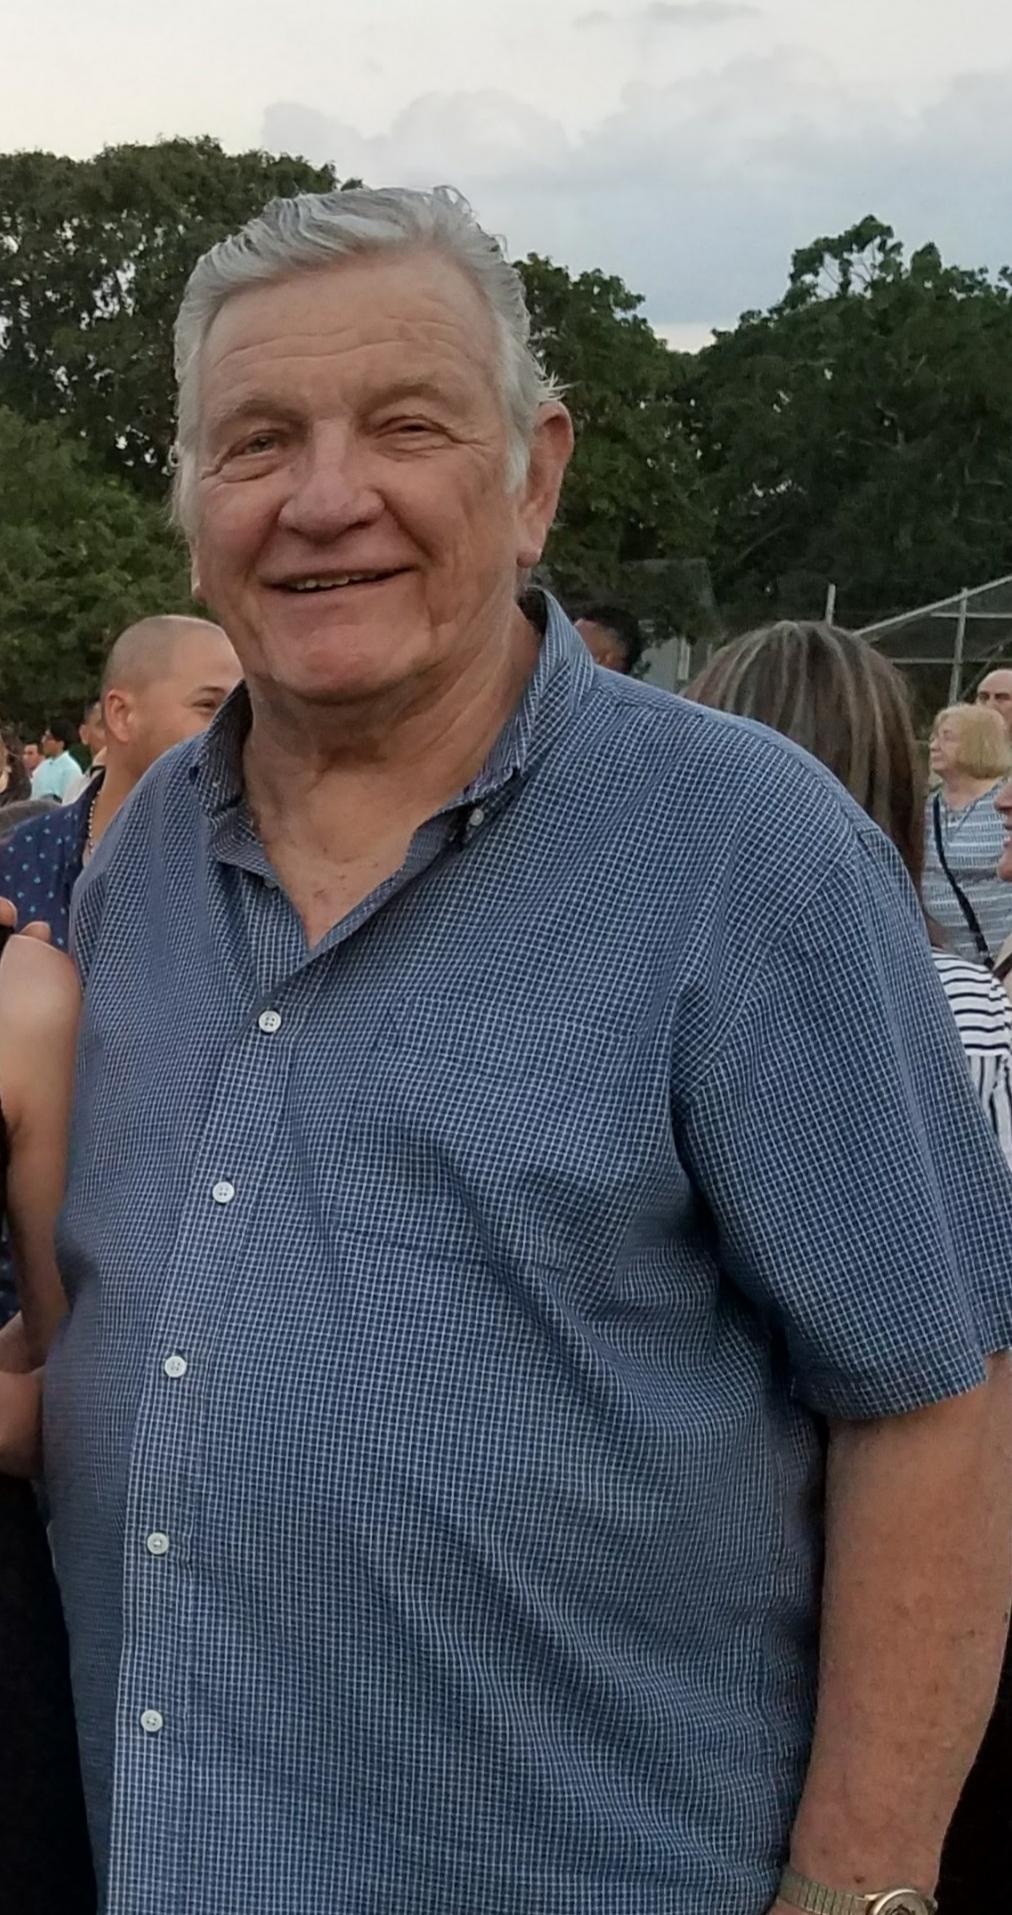 Ronald Doroska